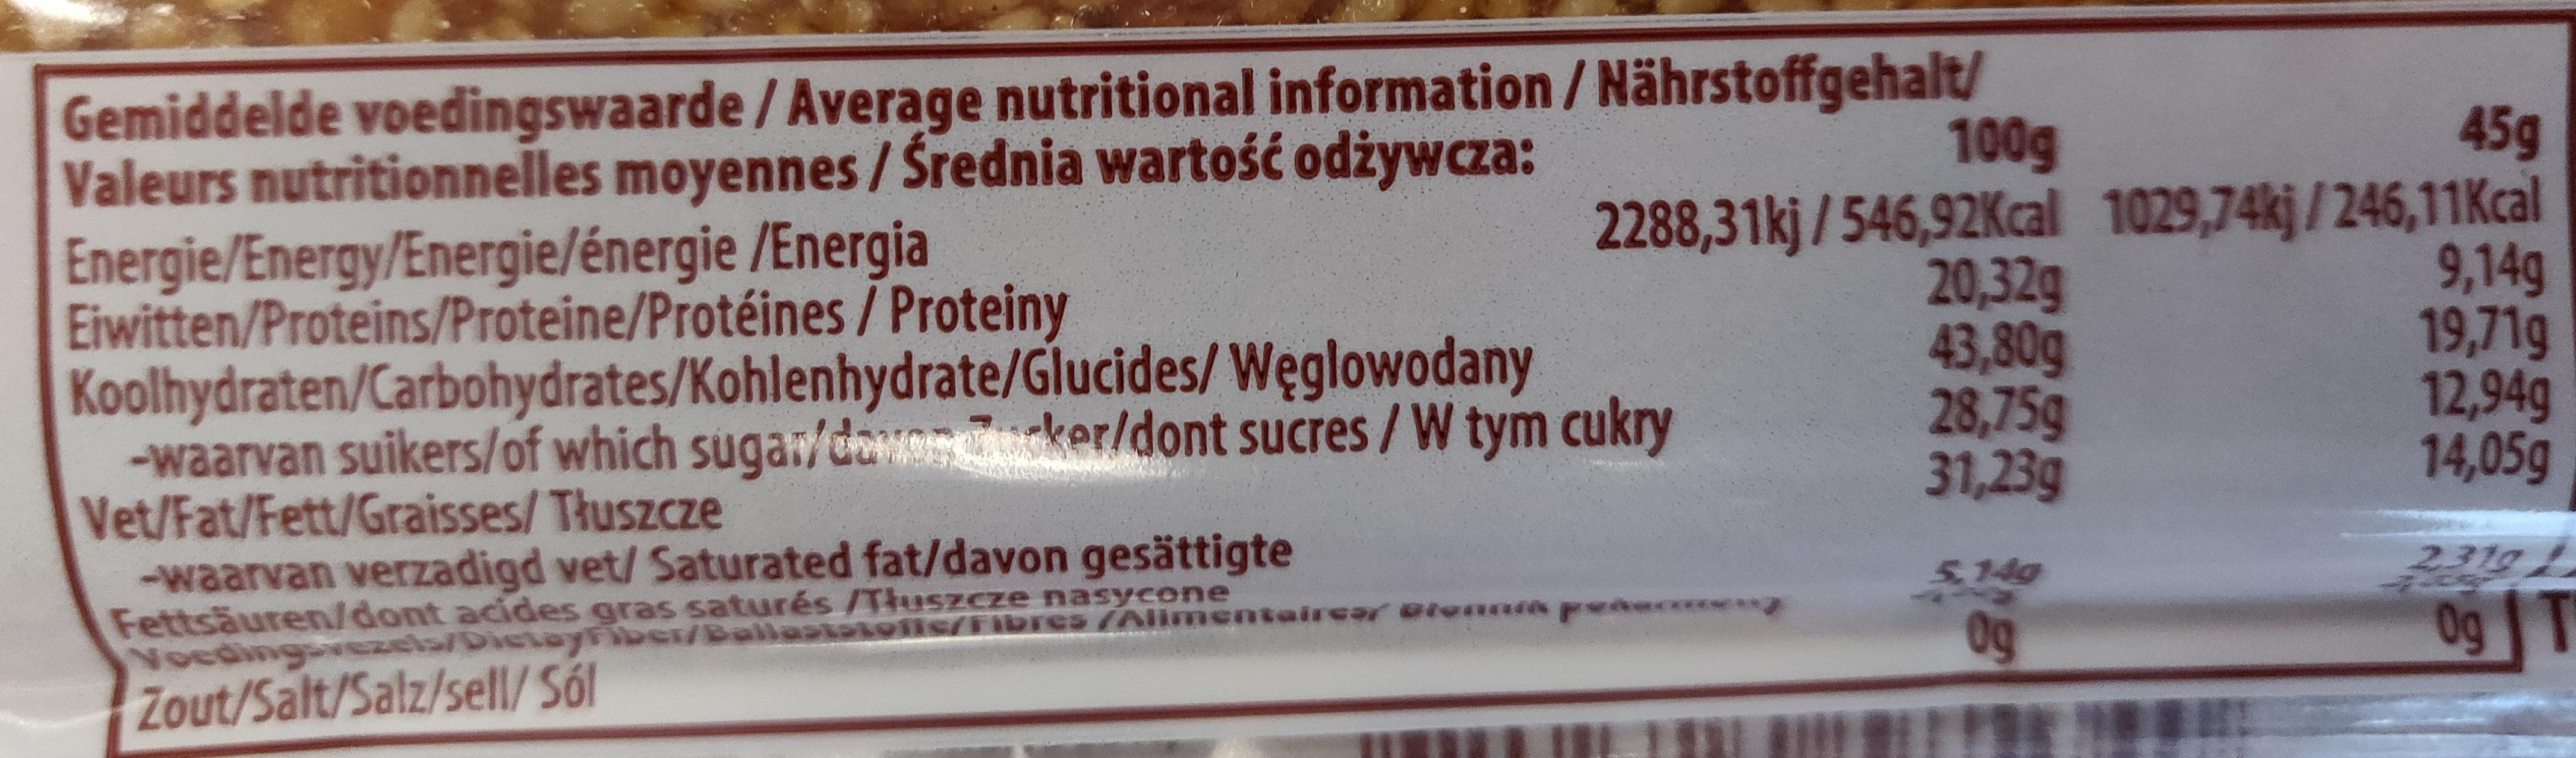 Barre de sesame au caramel - Informations nutritionnelles - fr